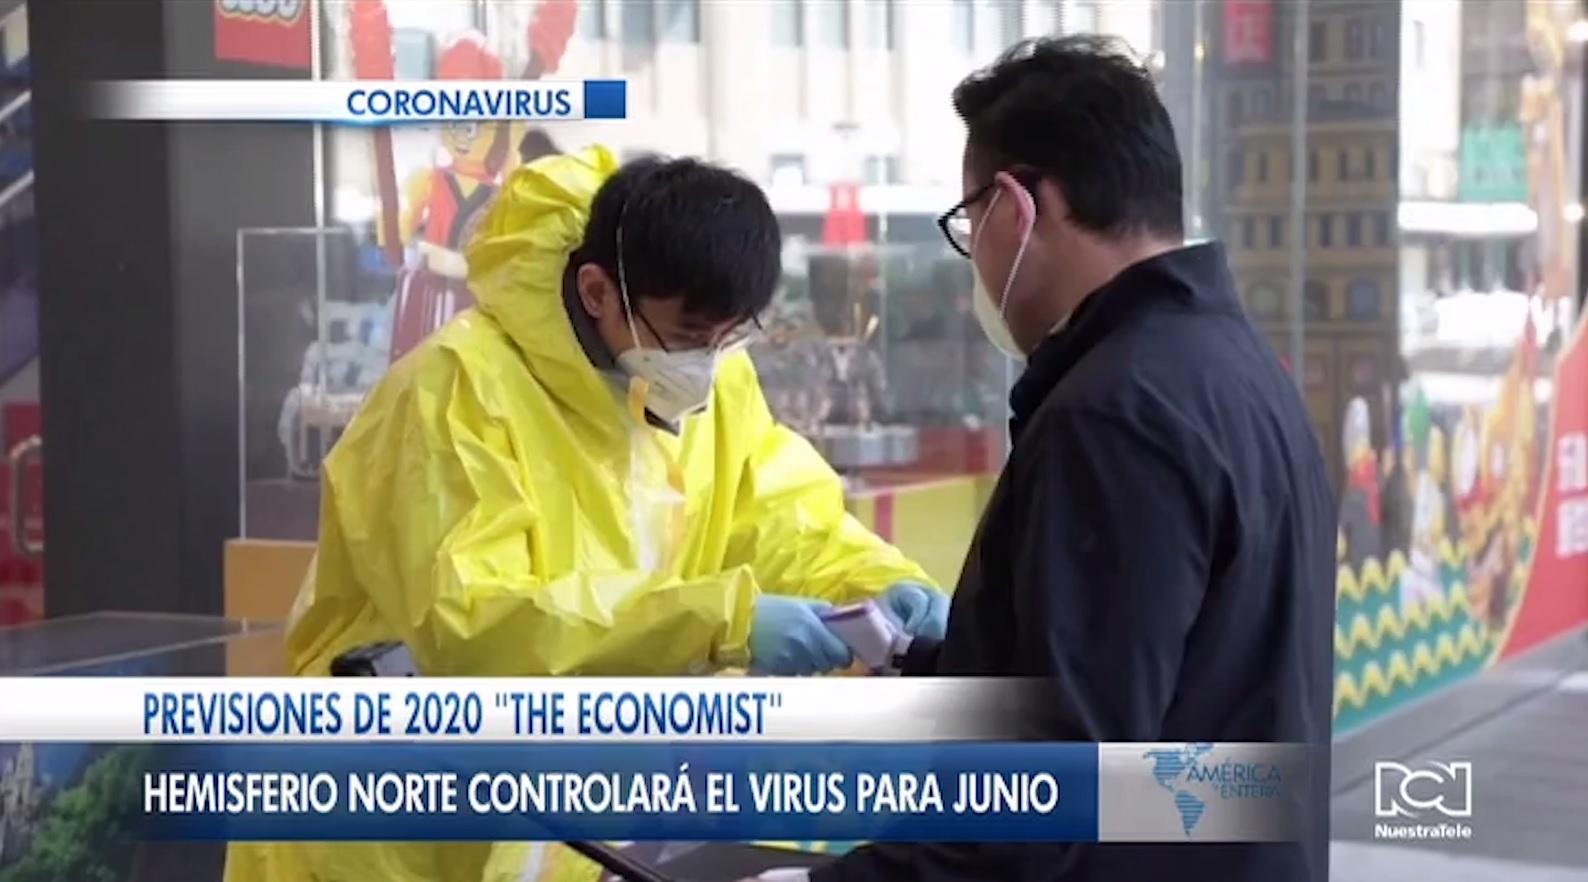 The Economist pronostica que impacto del coronavirus en la economía mundial será inminente